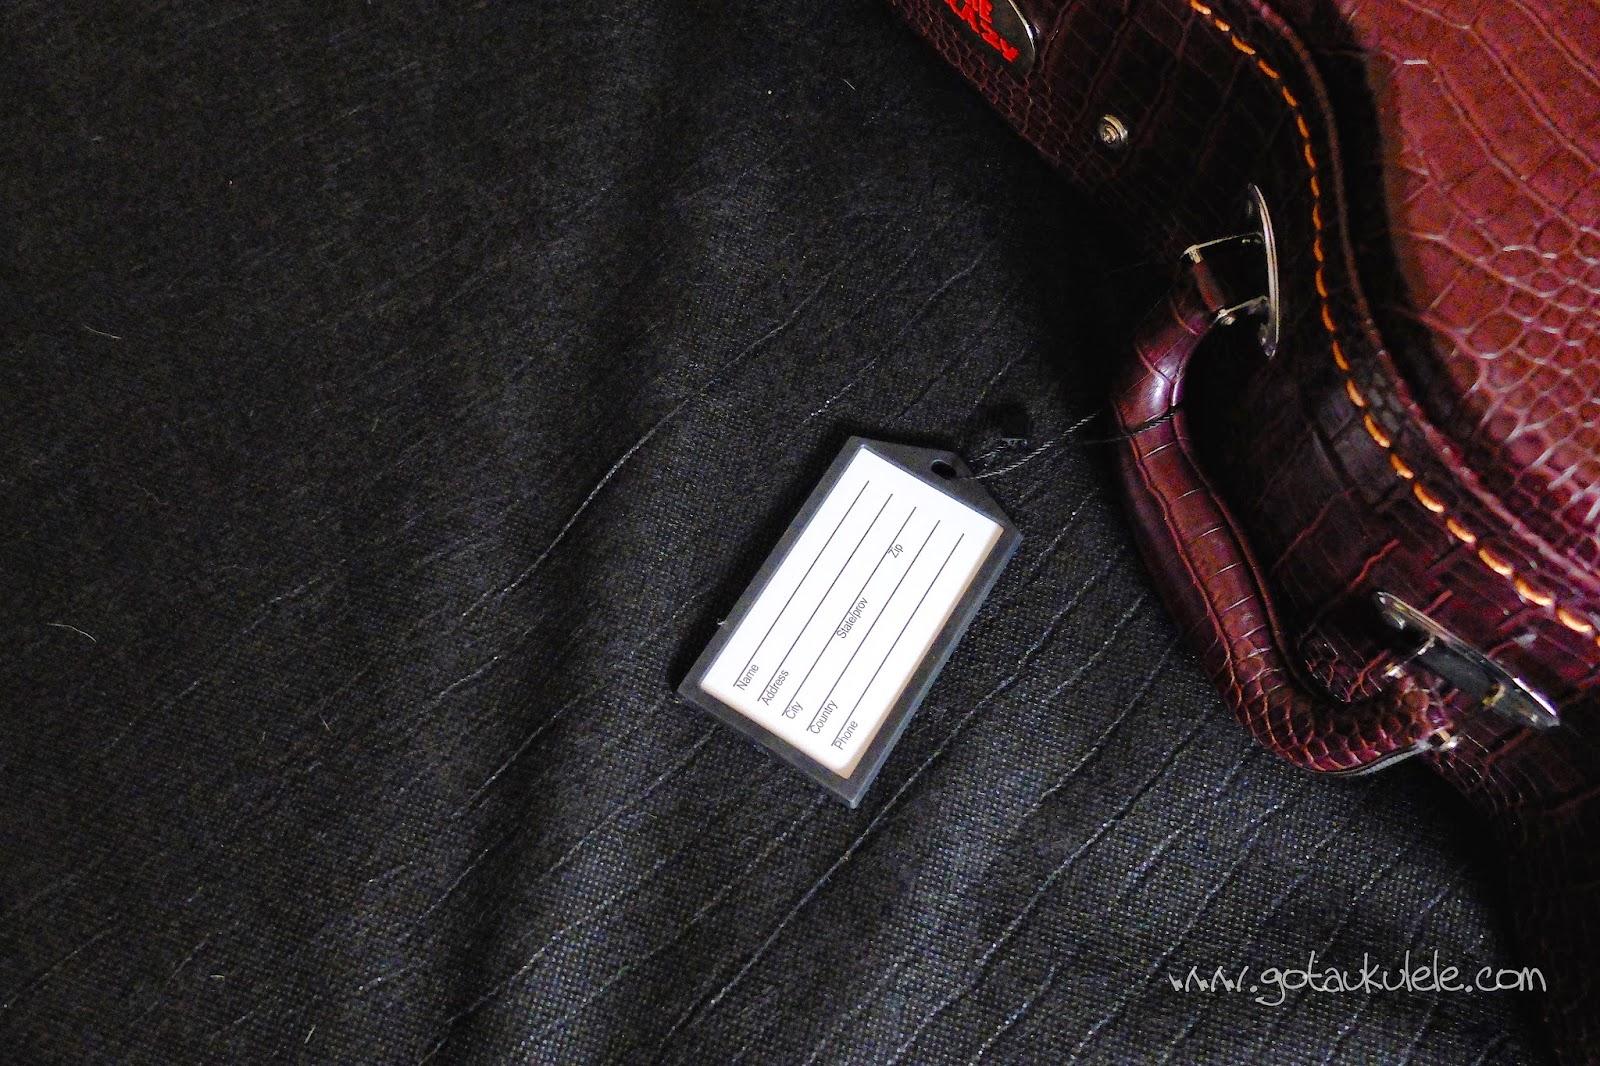 Kala Uke Crazy hard ukulele case ID tag